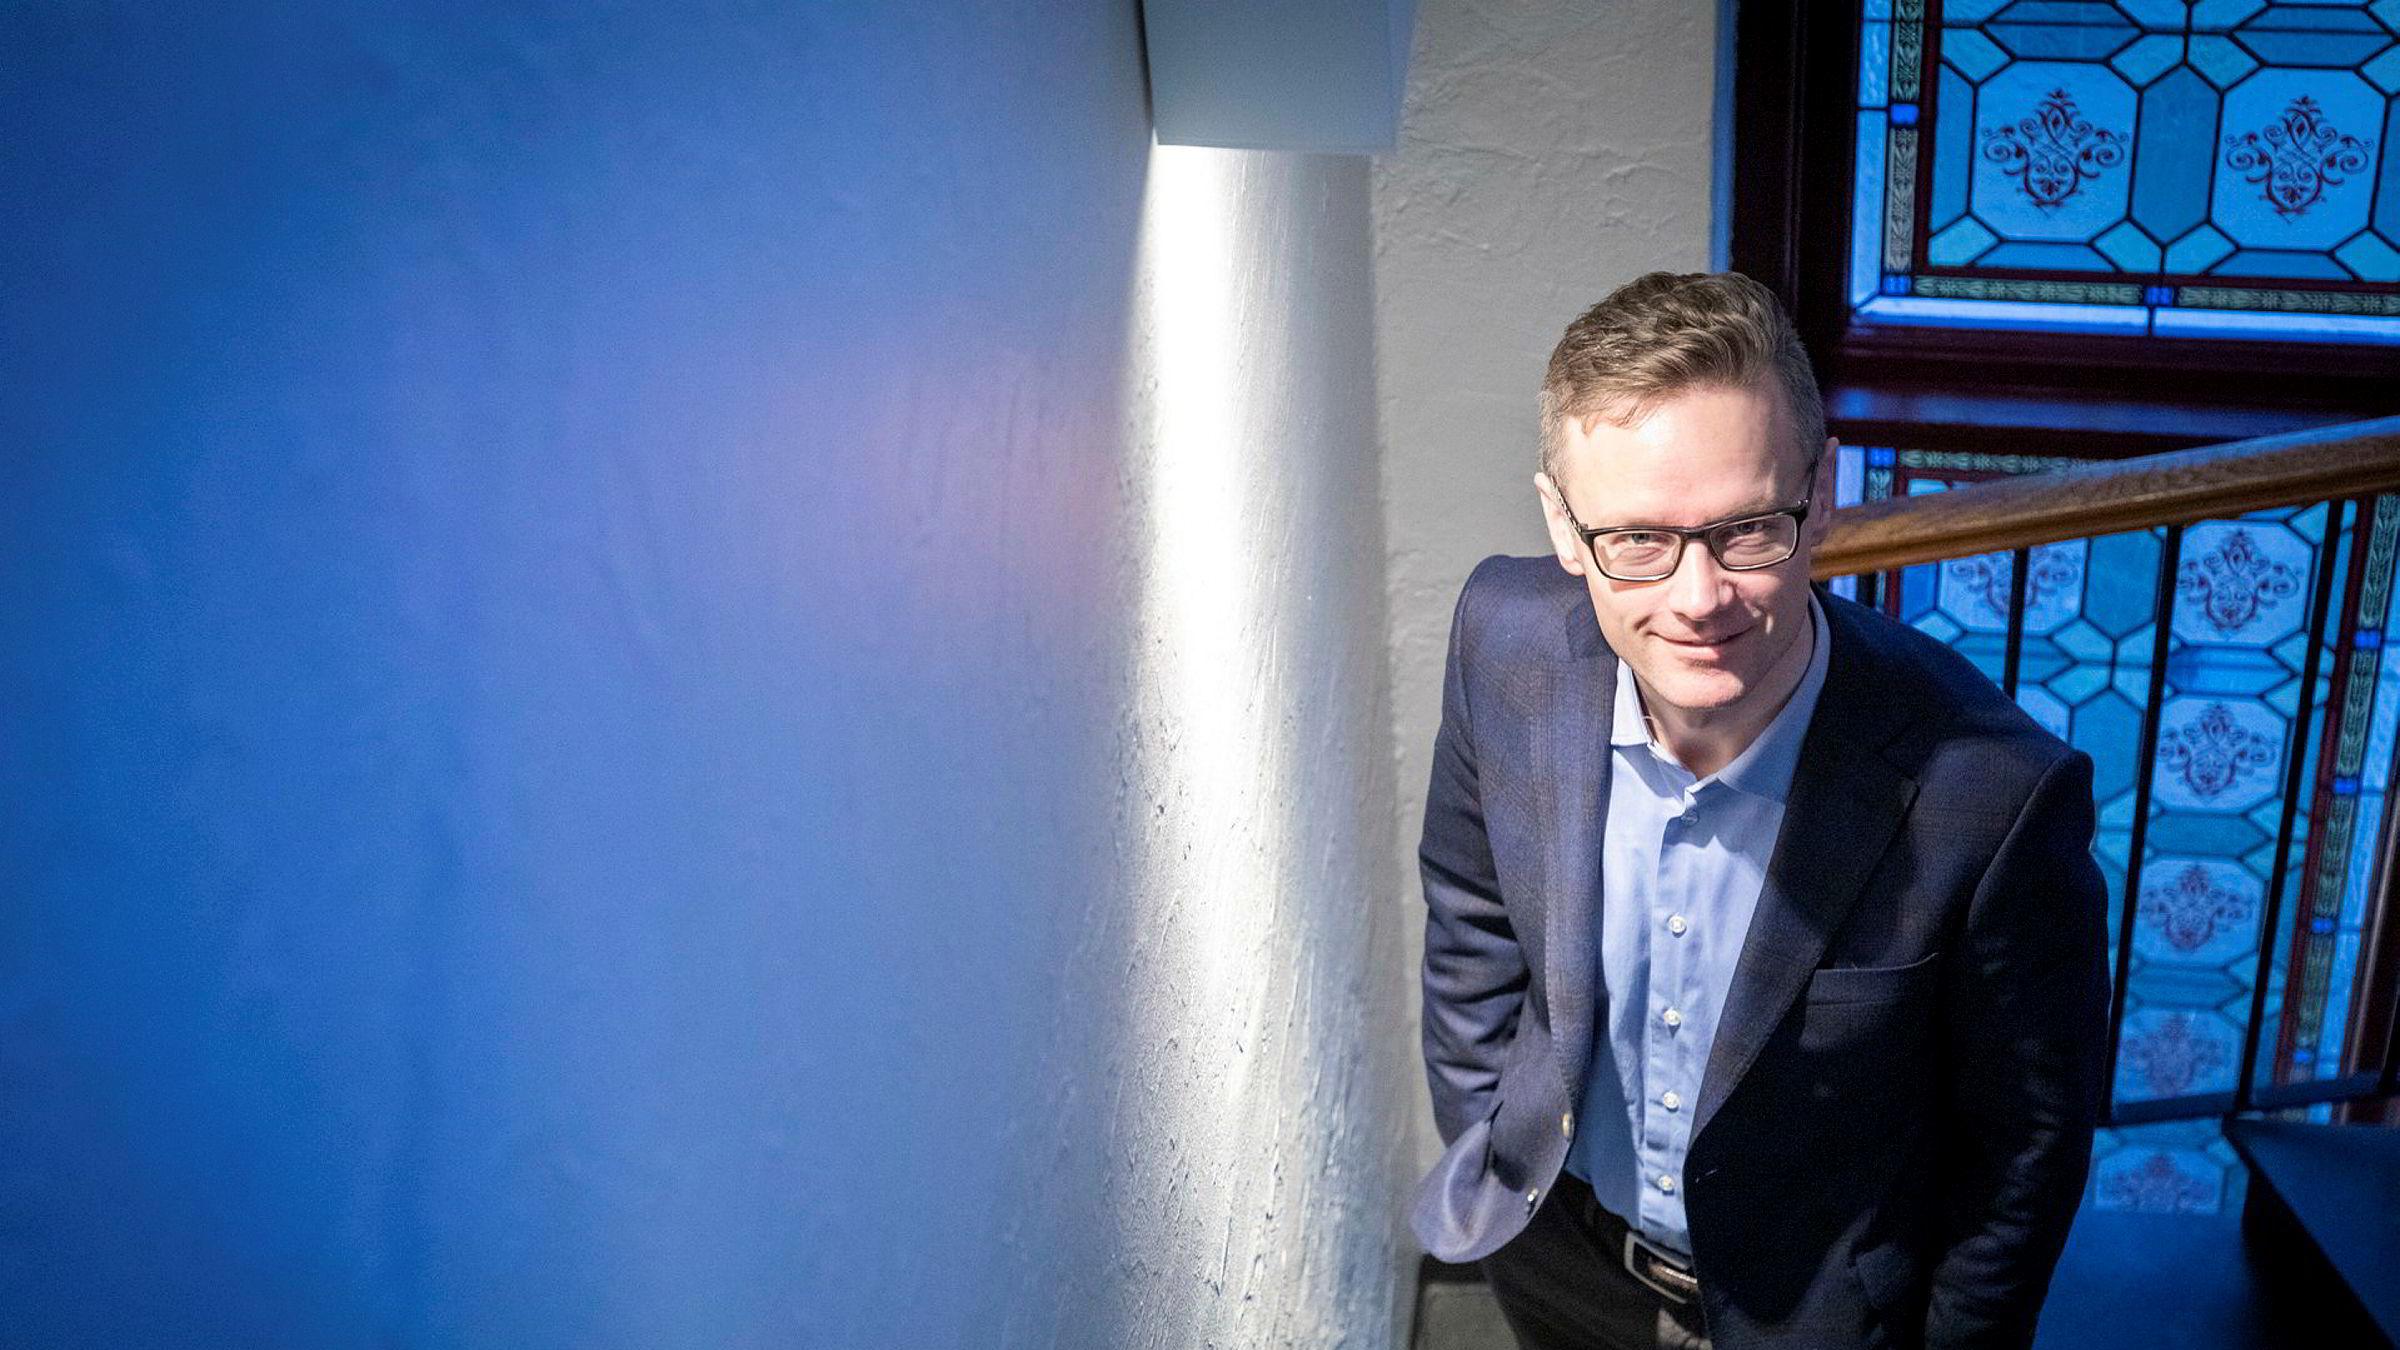 Sjeføkonom Bjørn-Roger Wilhelmsen i Nordkinn Asset Management mener markedsaktørene nå er blitt mer forsiktige.